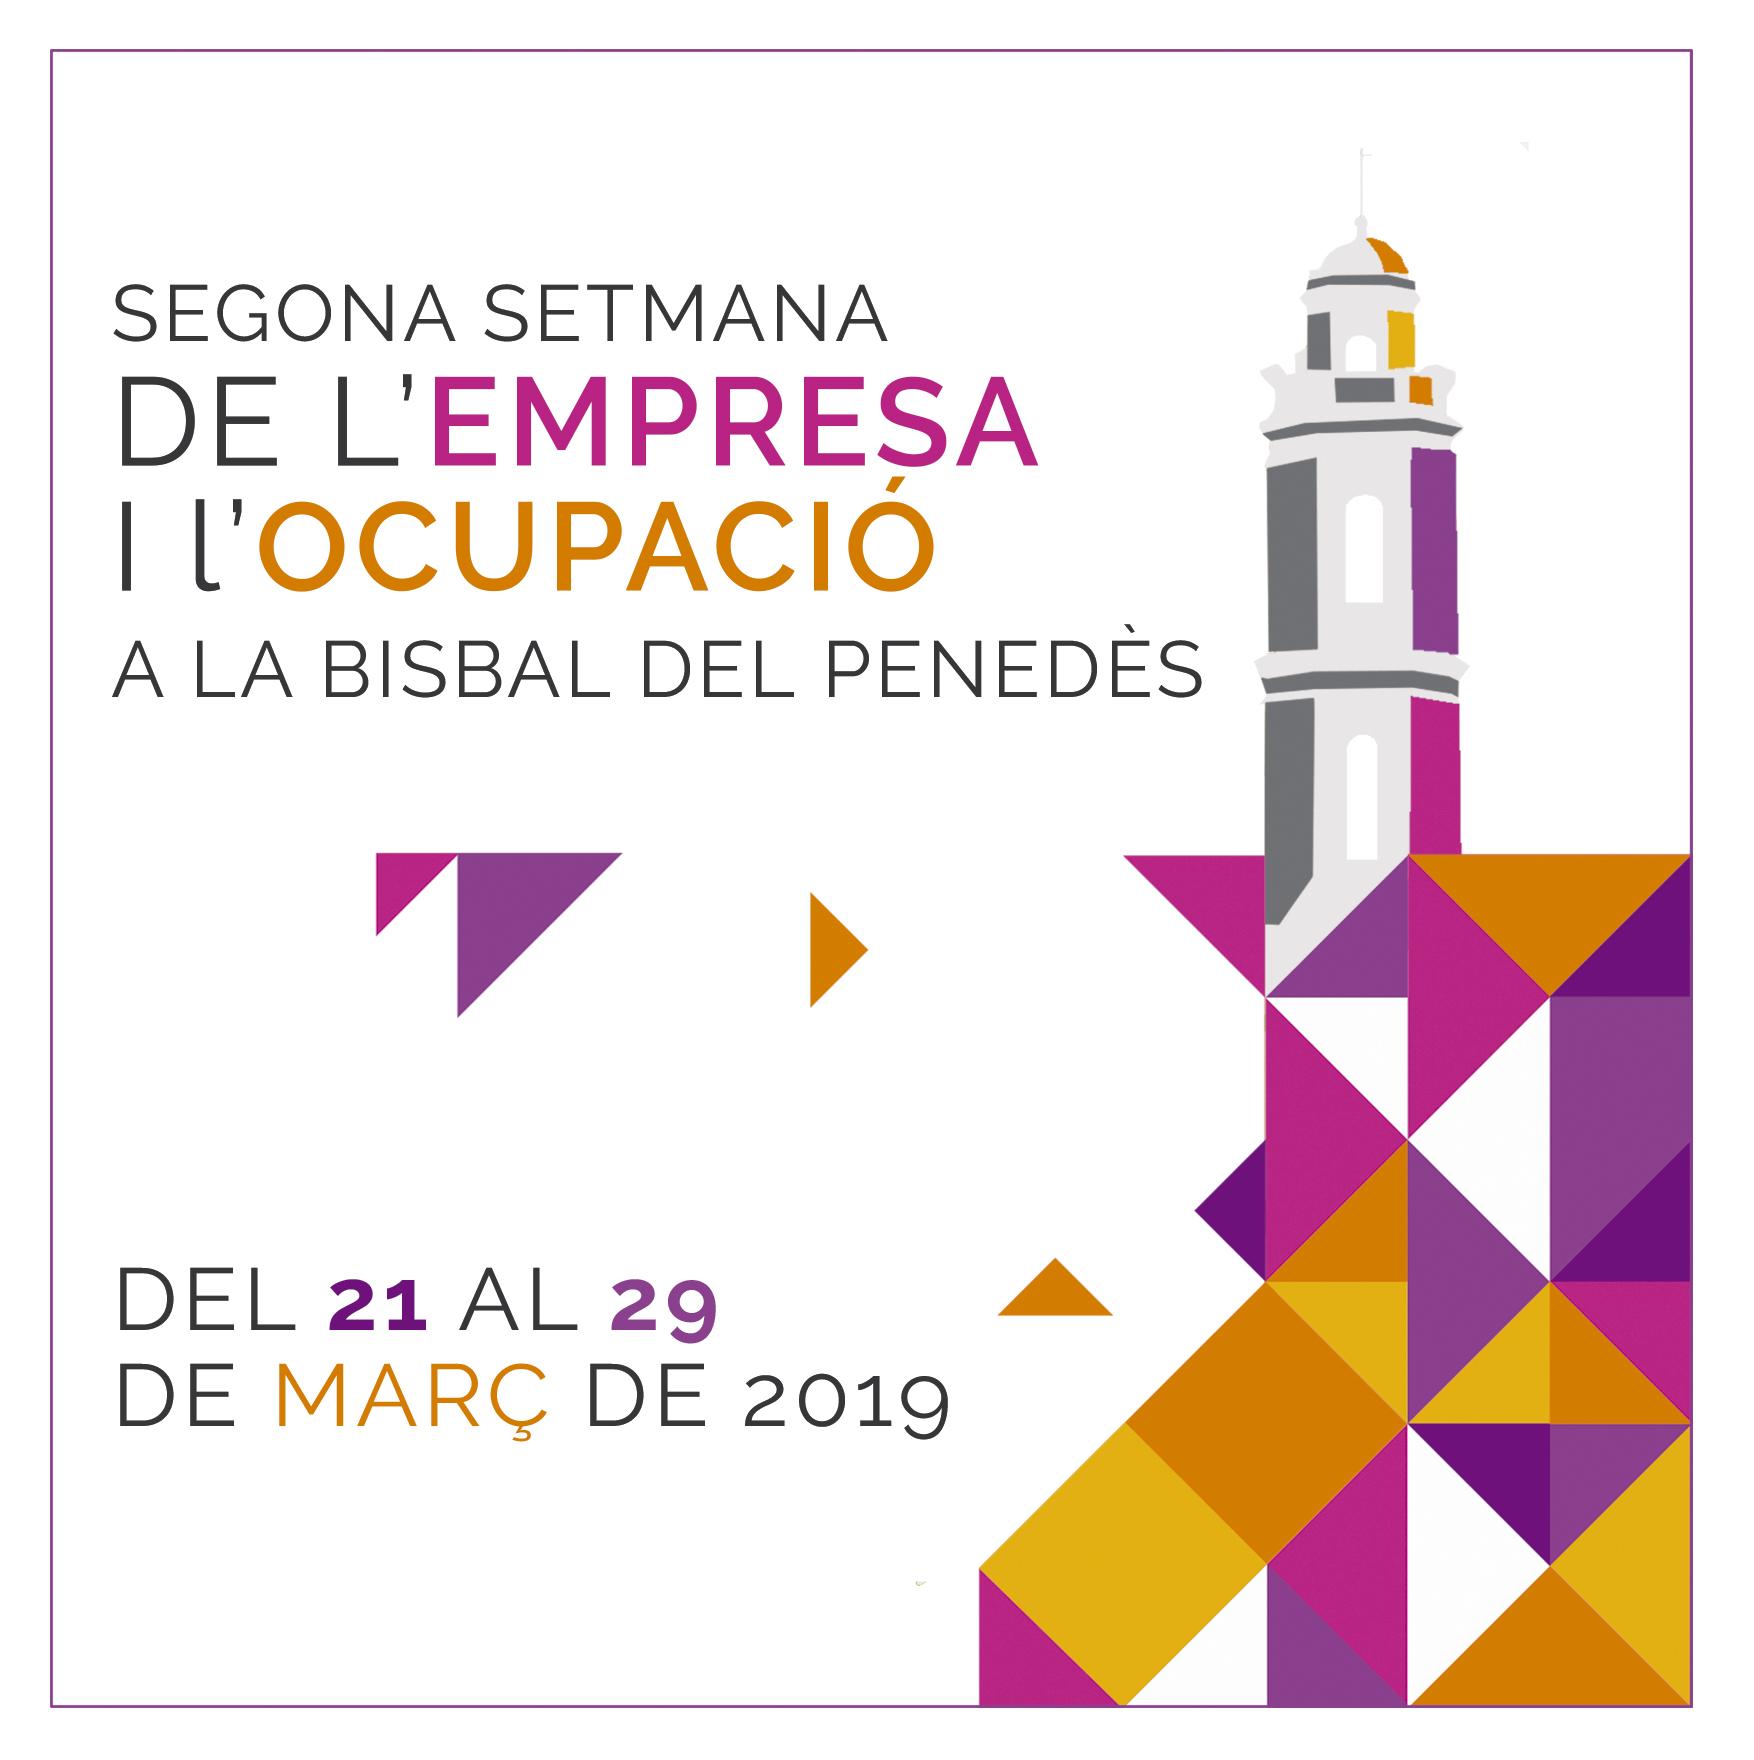 L'Ajuntament de la Bisbal del Penedès engega la Segona Setmana de l'Empresa i l'Ocupació